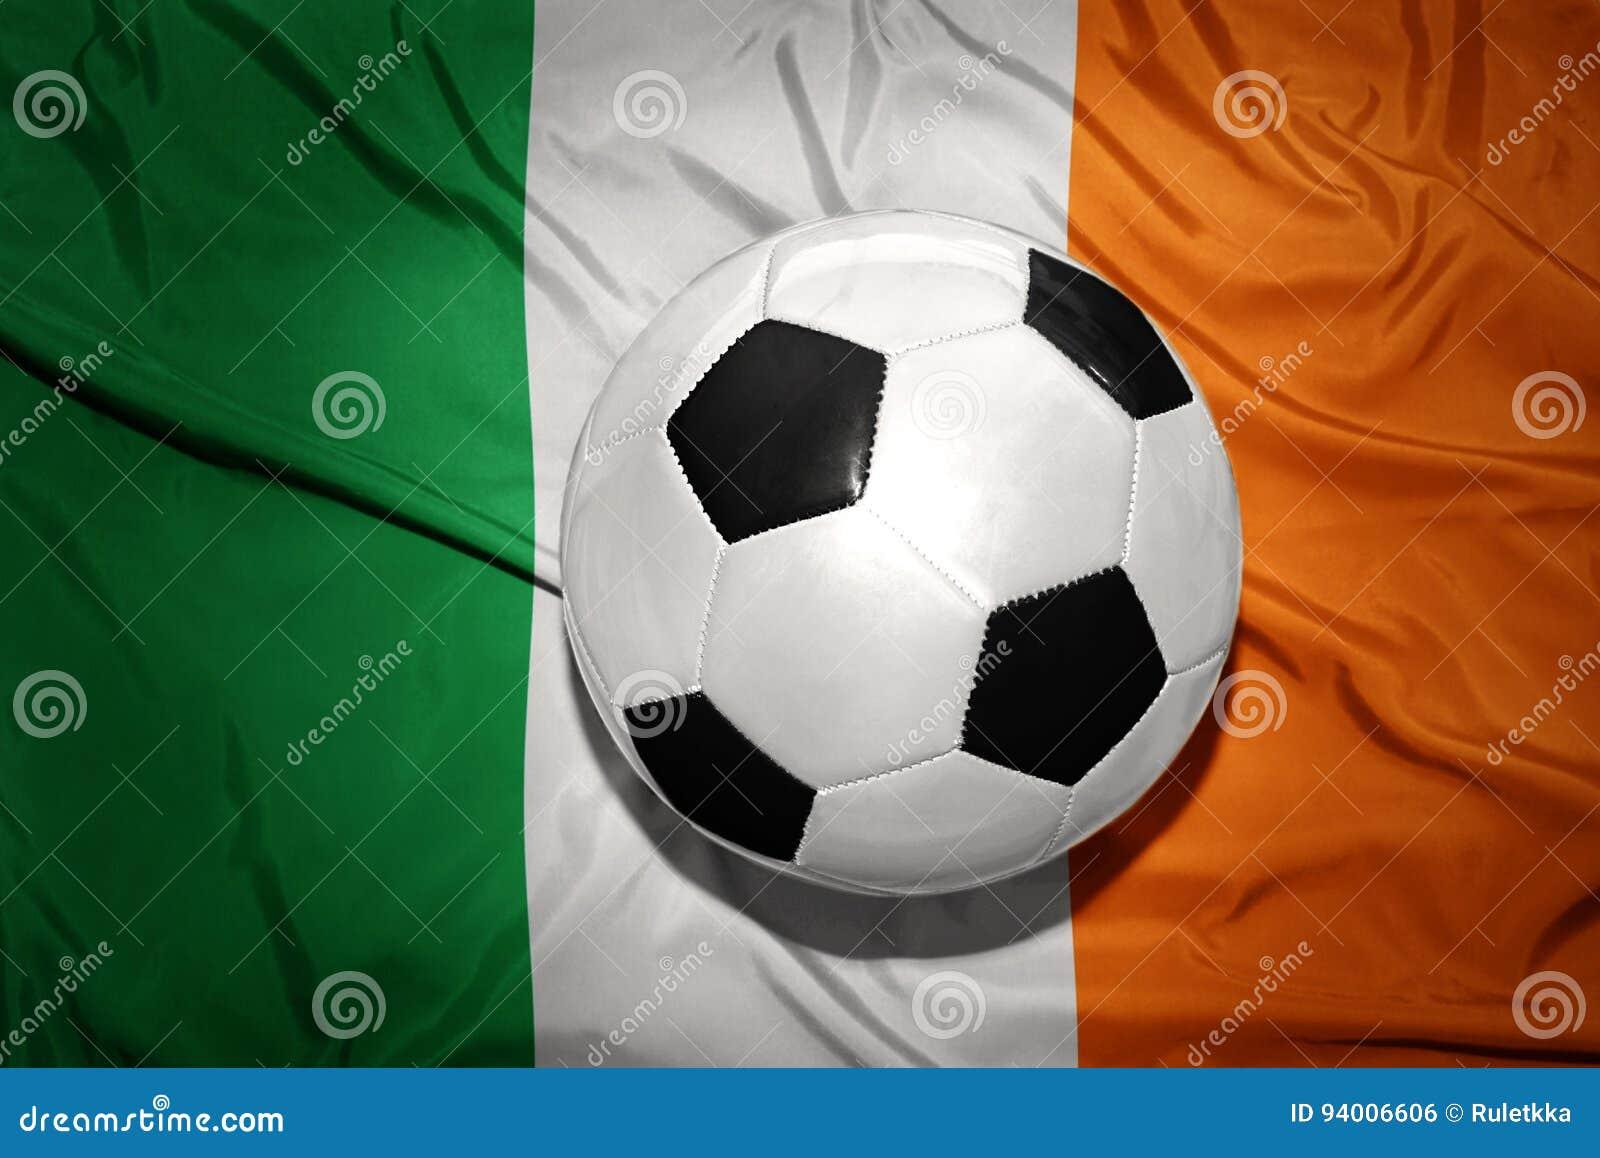 在爱尔兰的国旗的黑白橄榄球球